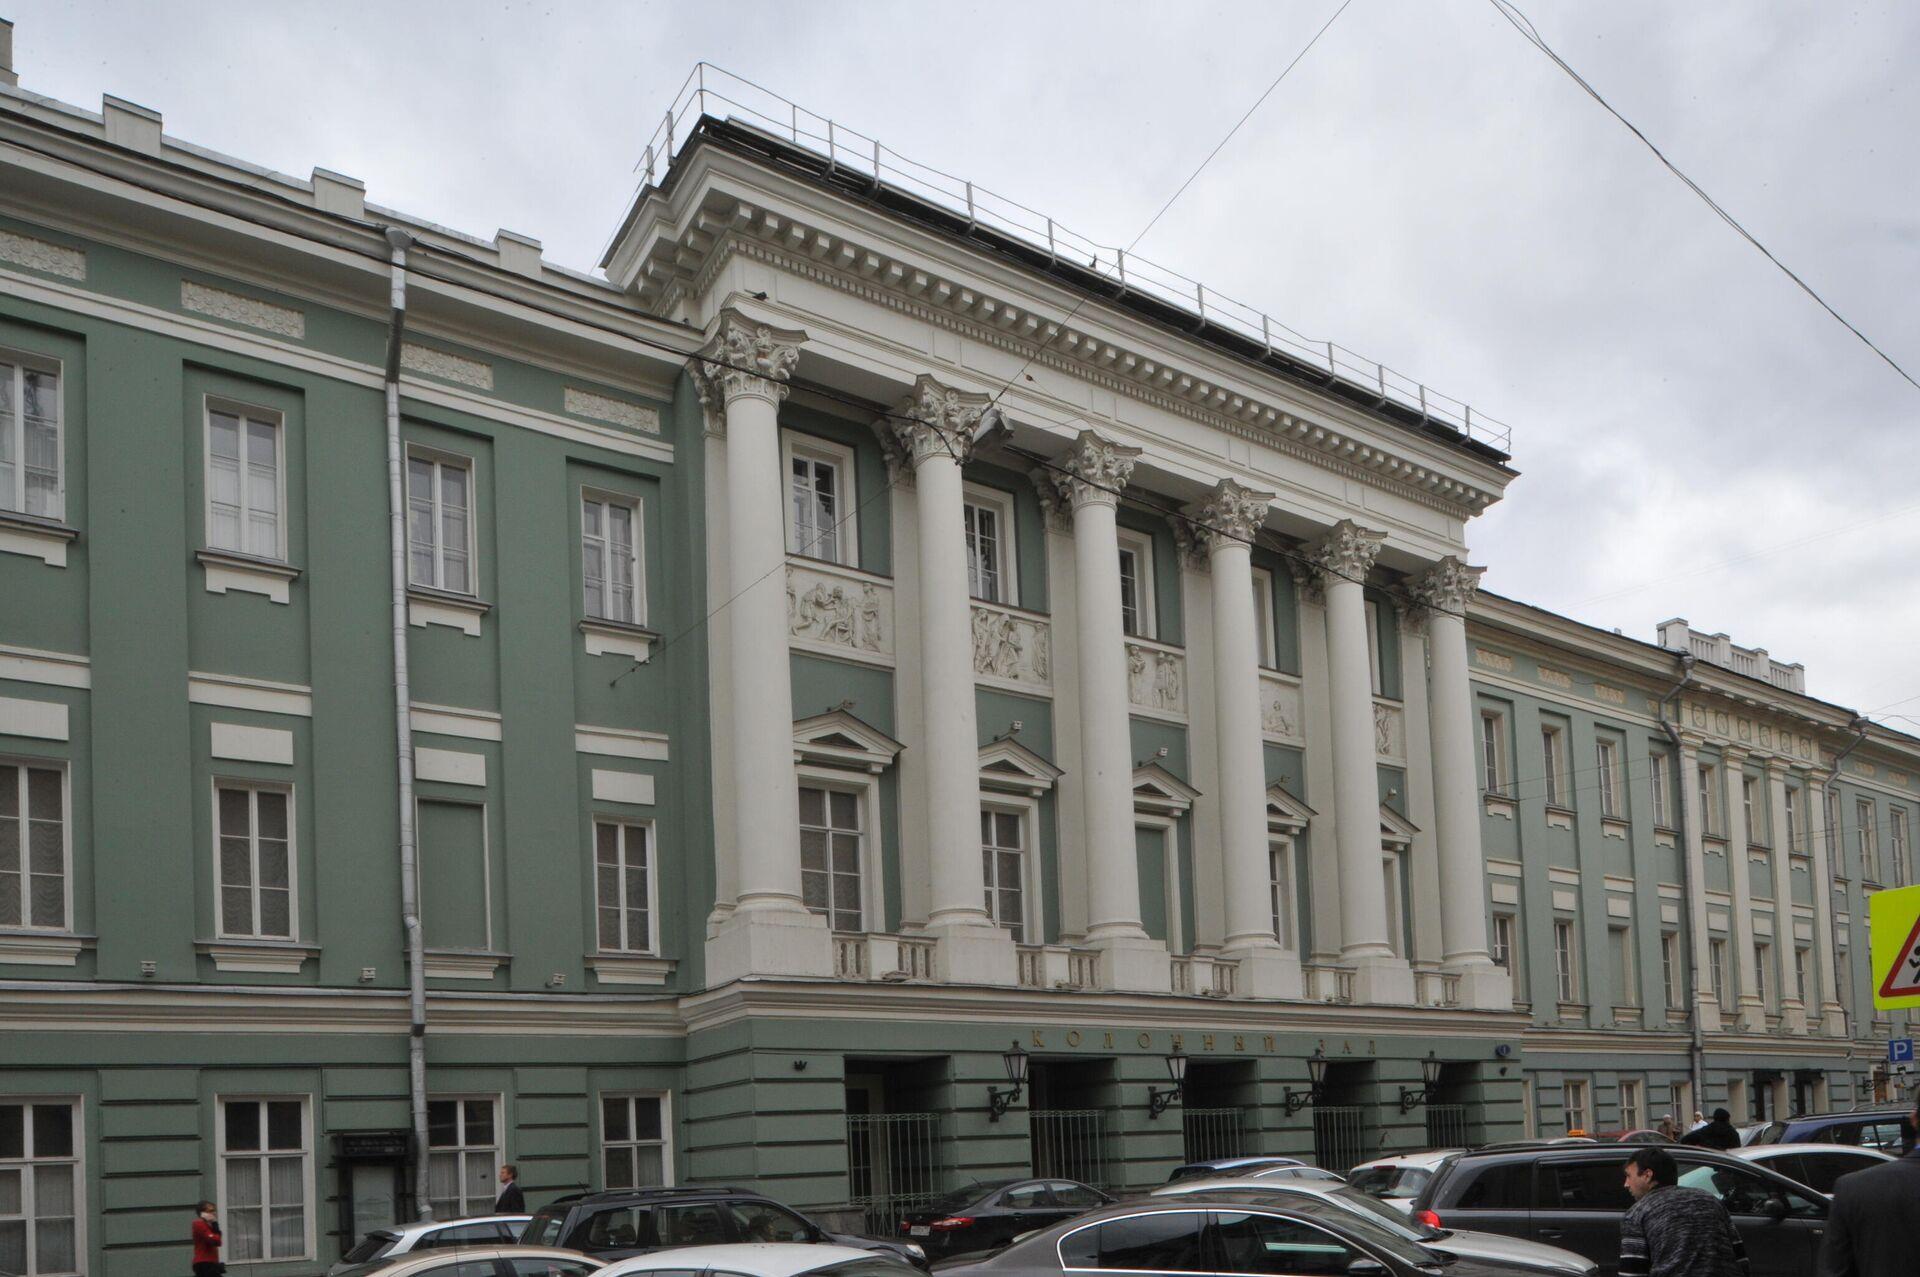 Дом Союзов на Большой Дмитровке, 1 - РИА Новости, 1920, 18.07.2021